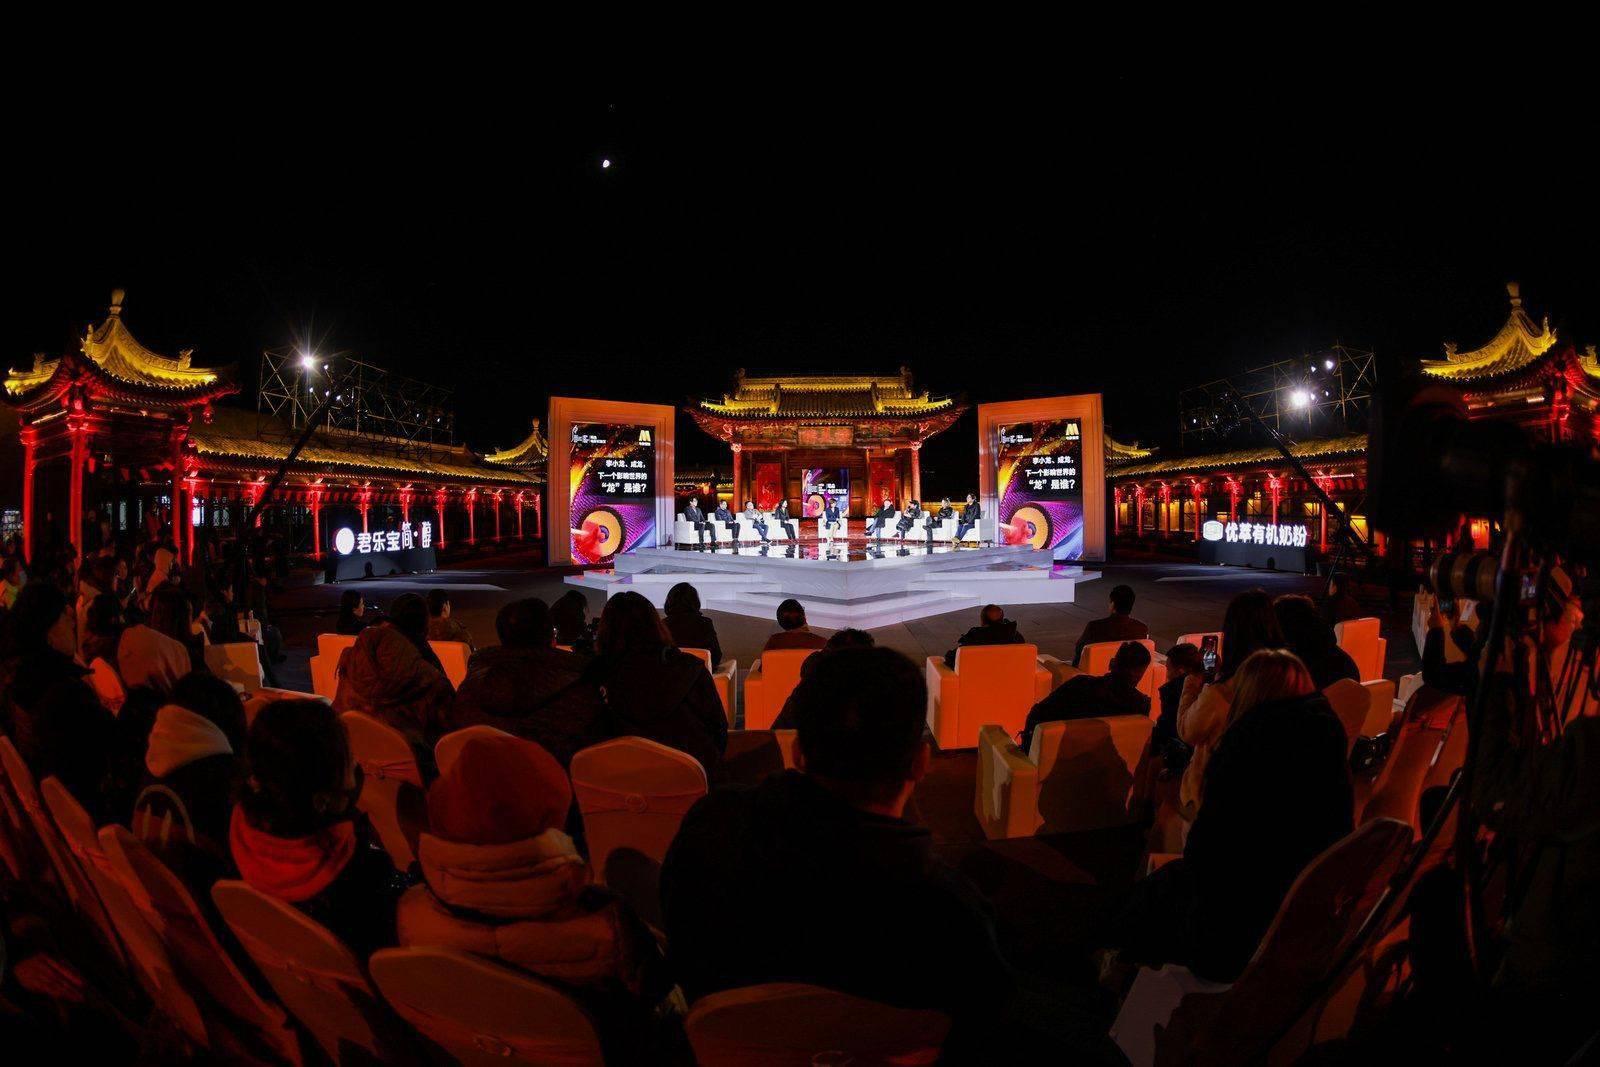 成龙电影周电影实验室论坛举办,电影人共论中国功夫电影发展之路